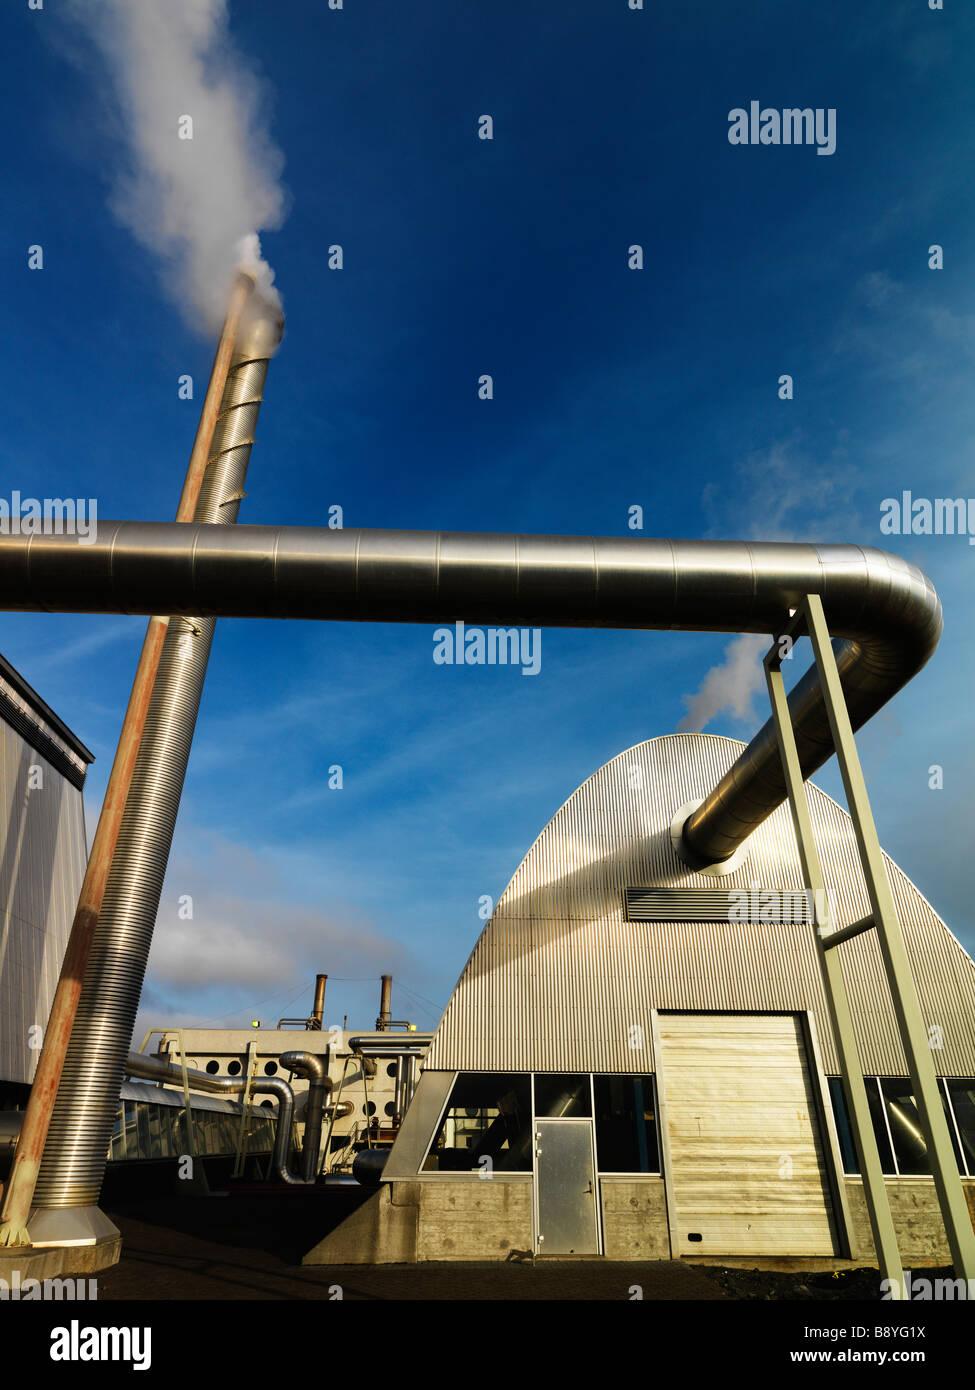 La estación de energía geotérmica de Islandia. Imagen De Stock